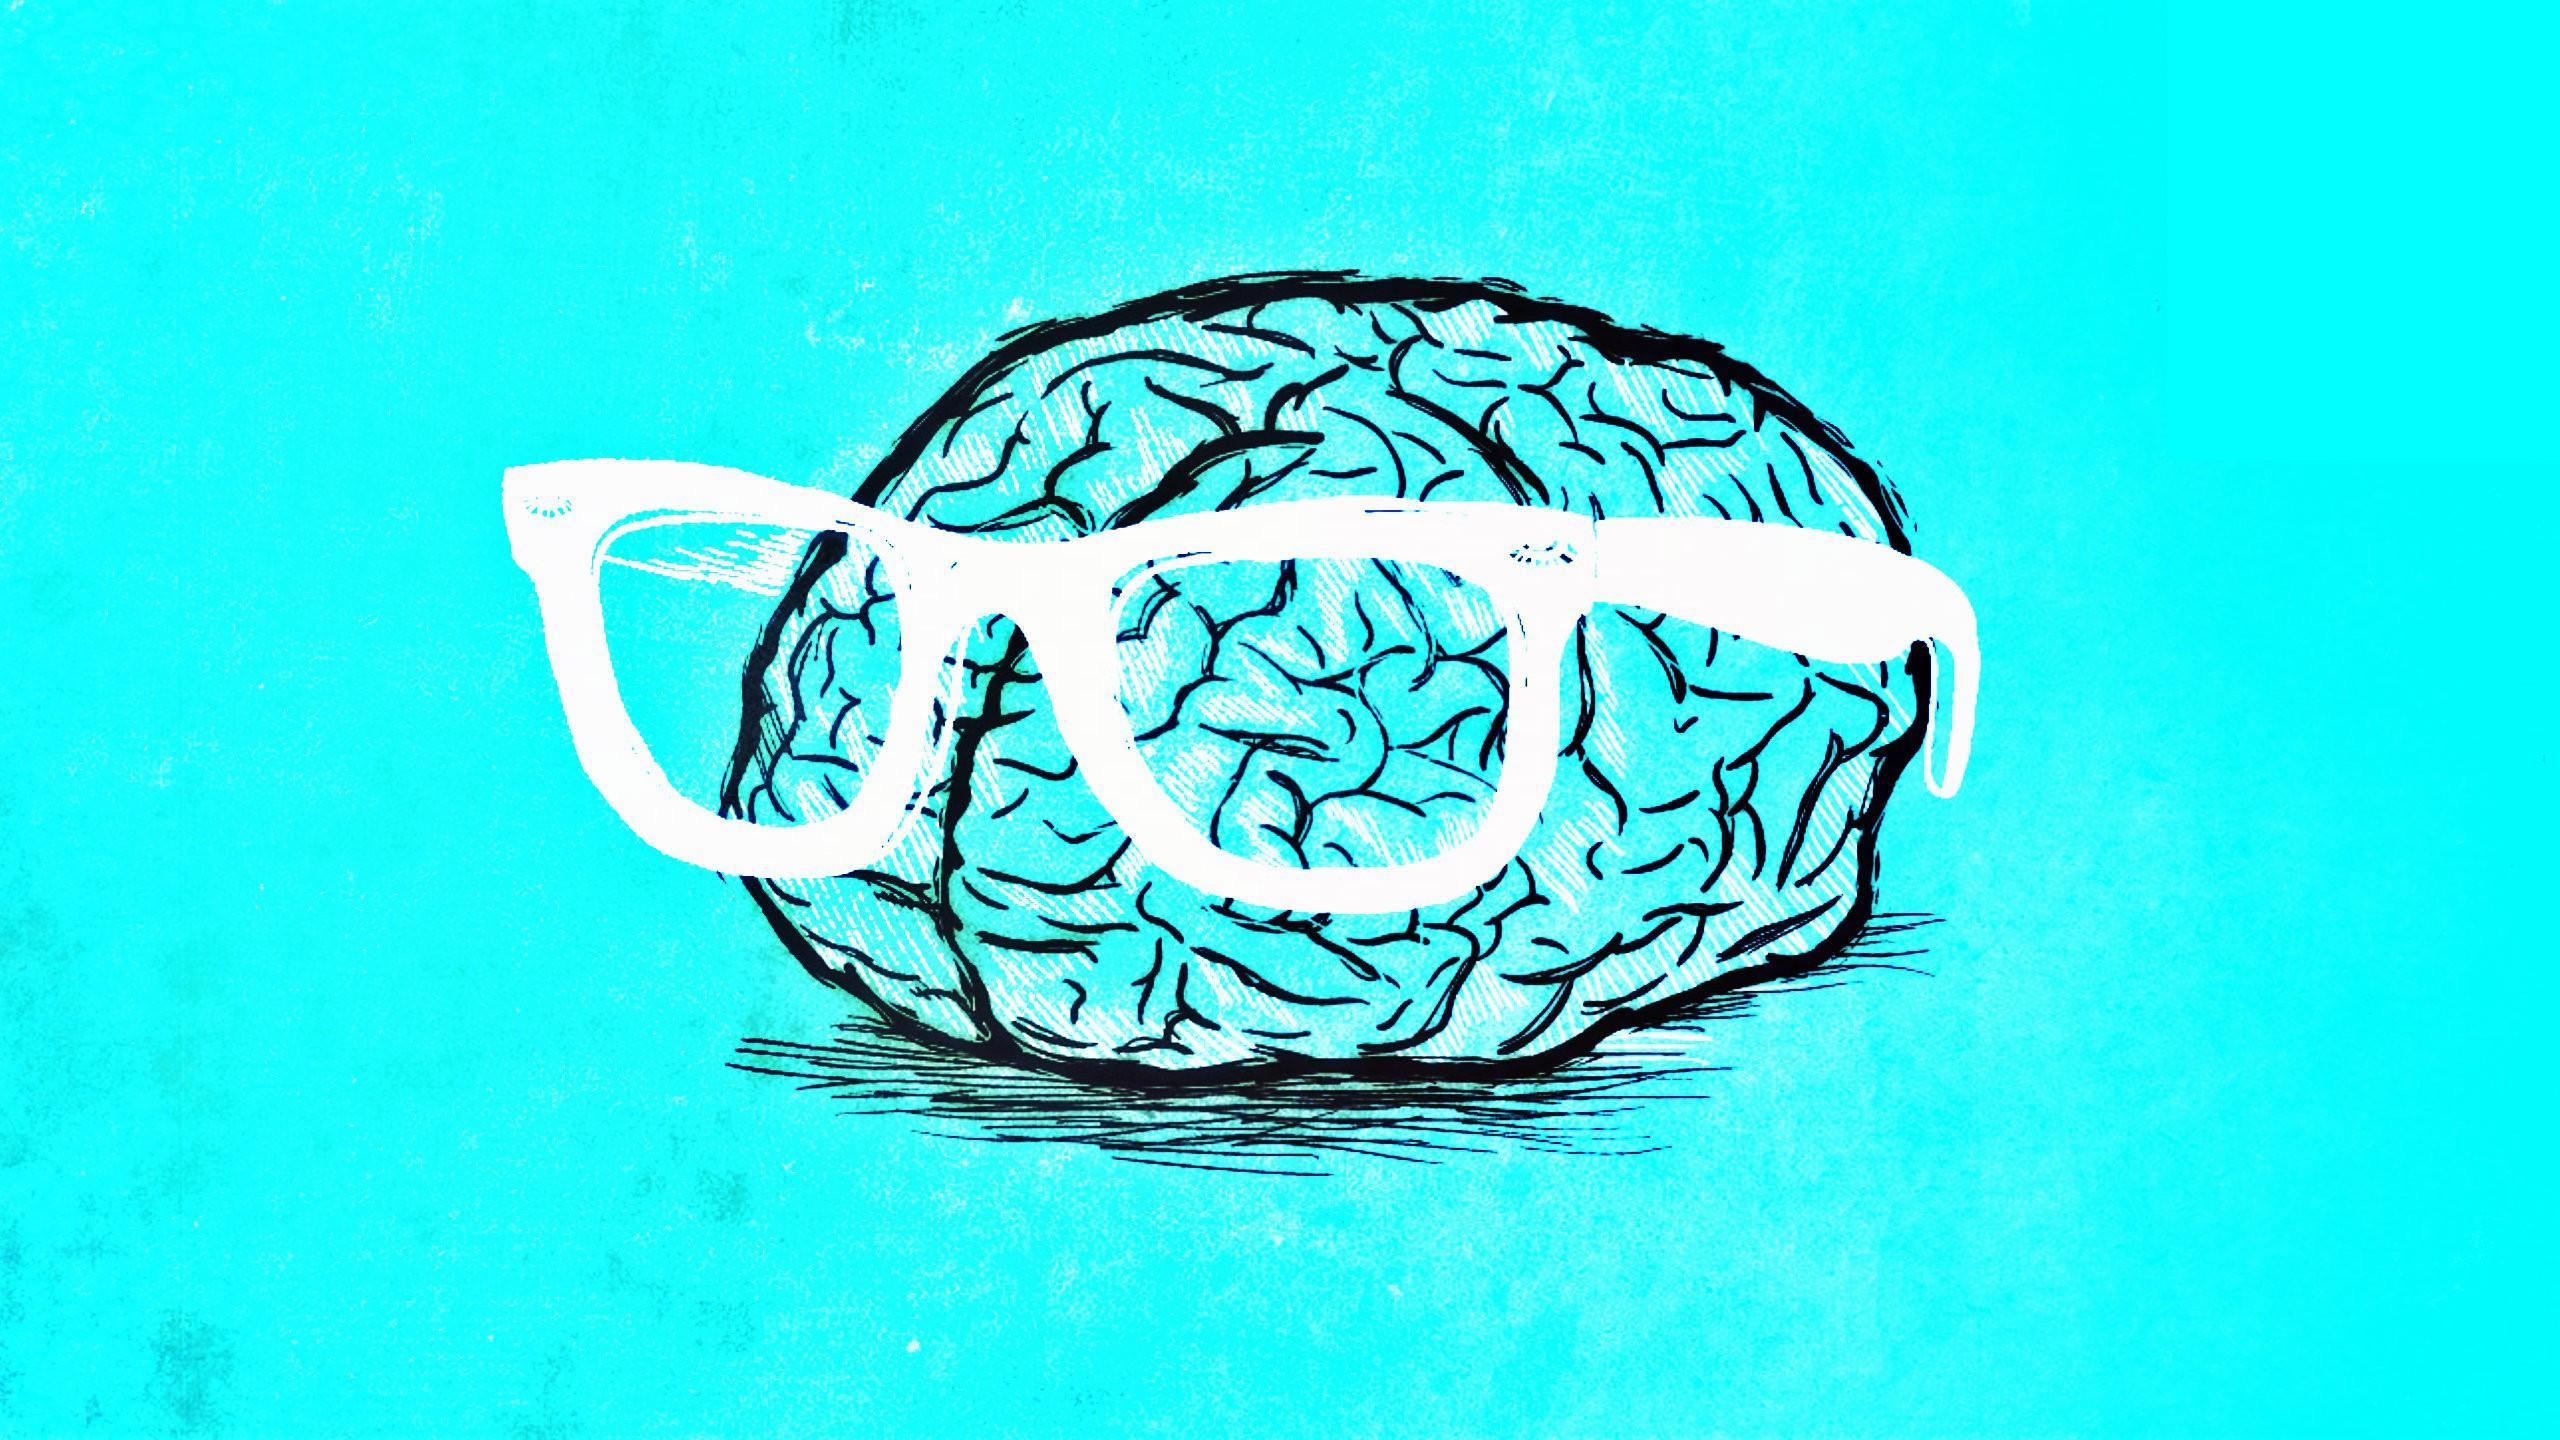 Обои мозги для рабочего стола